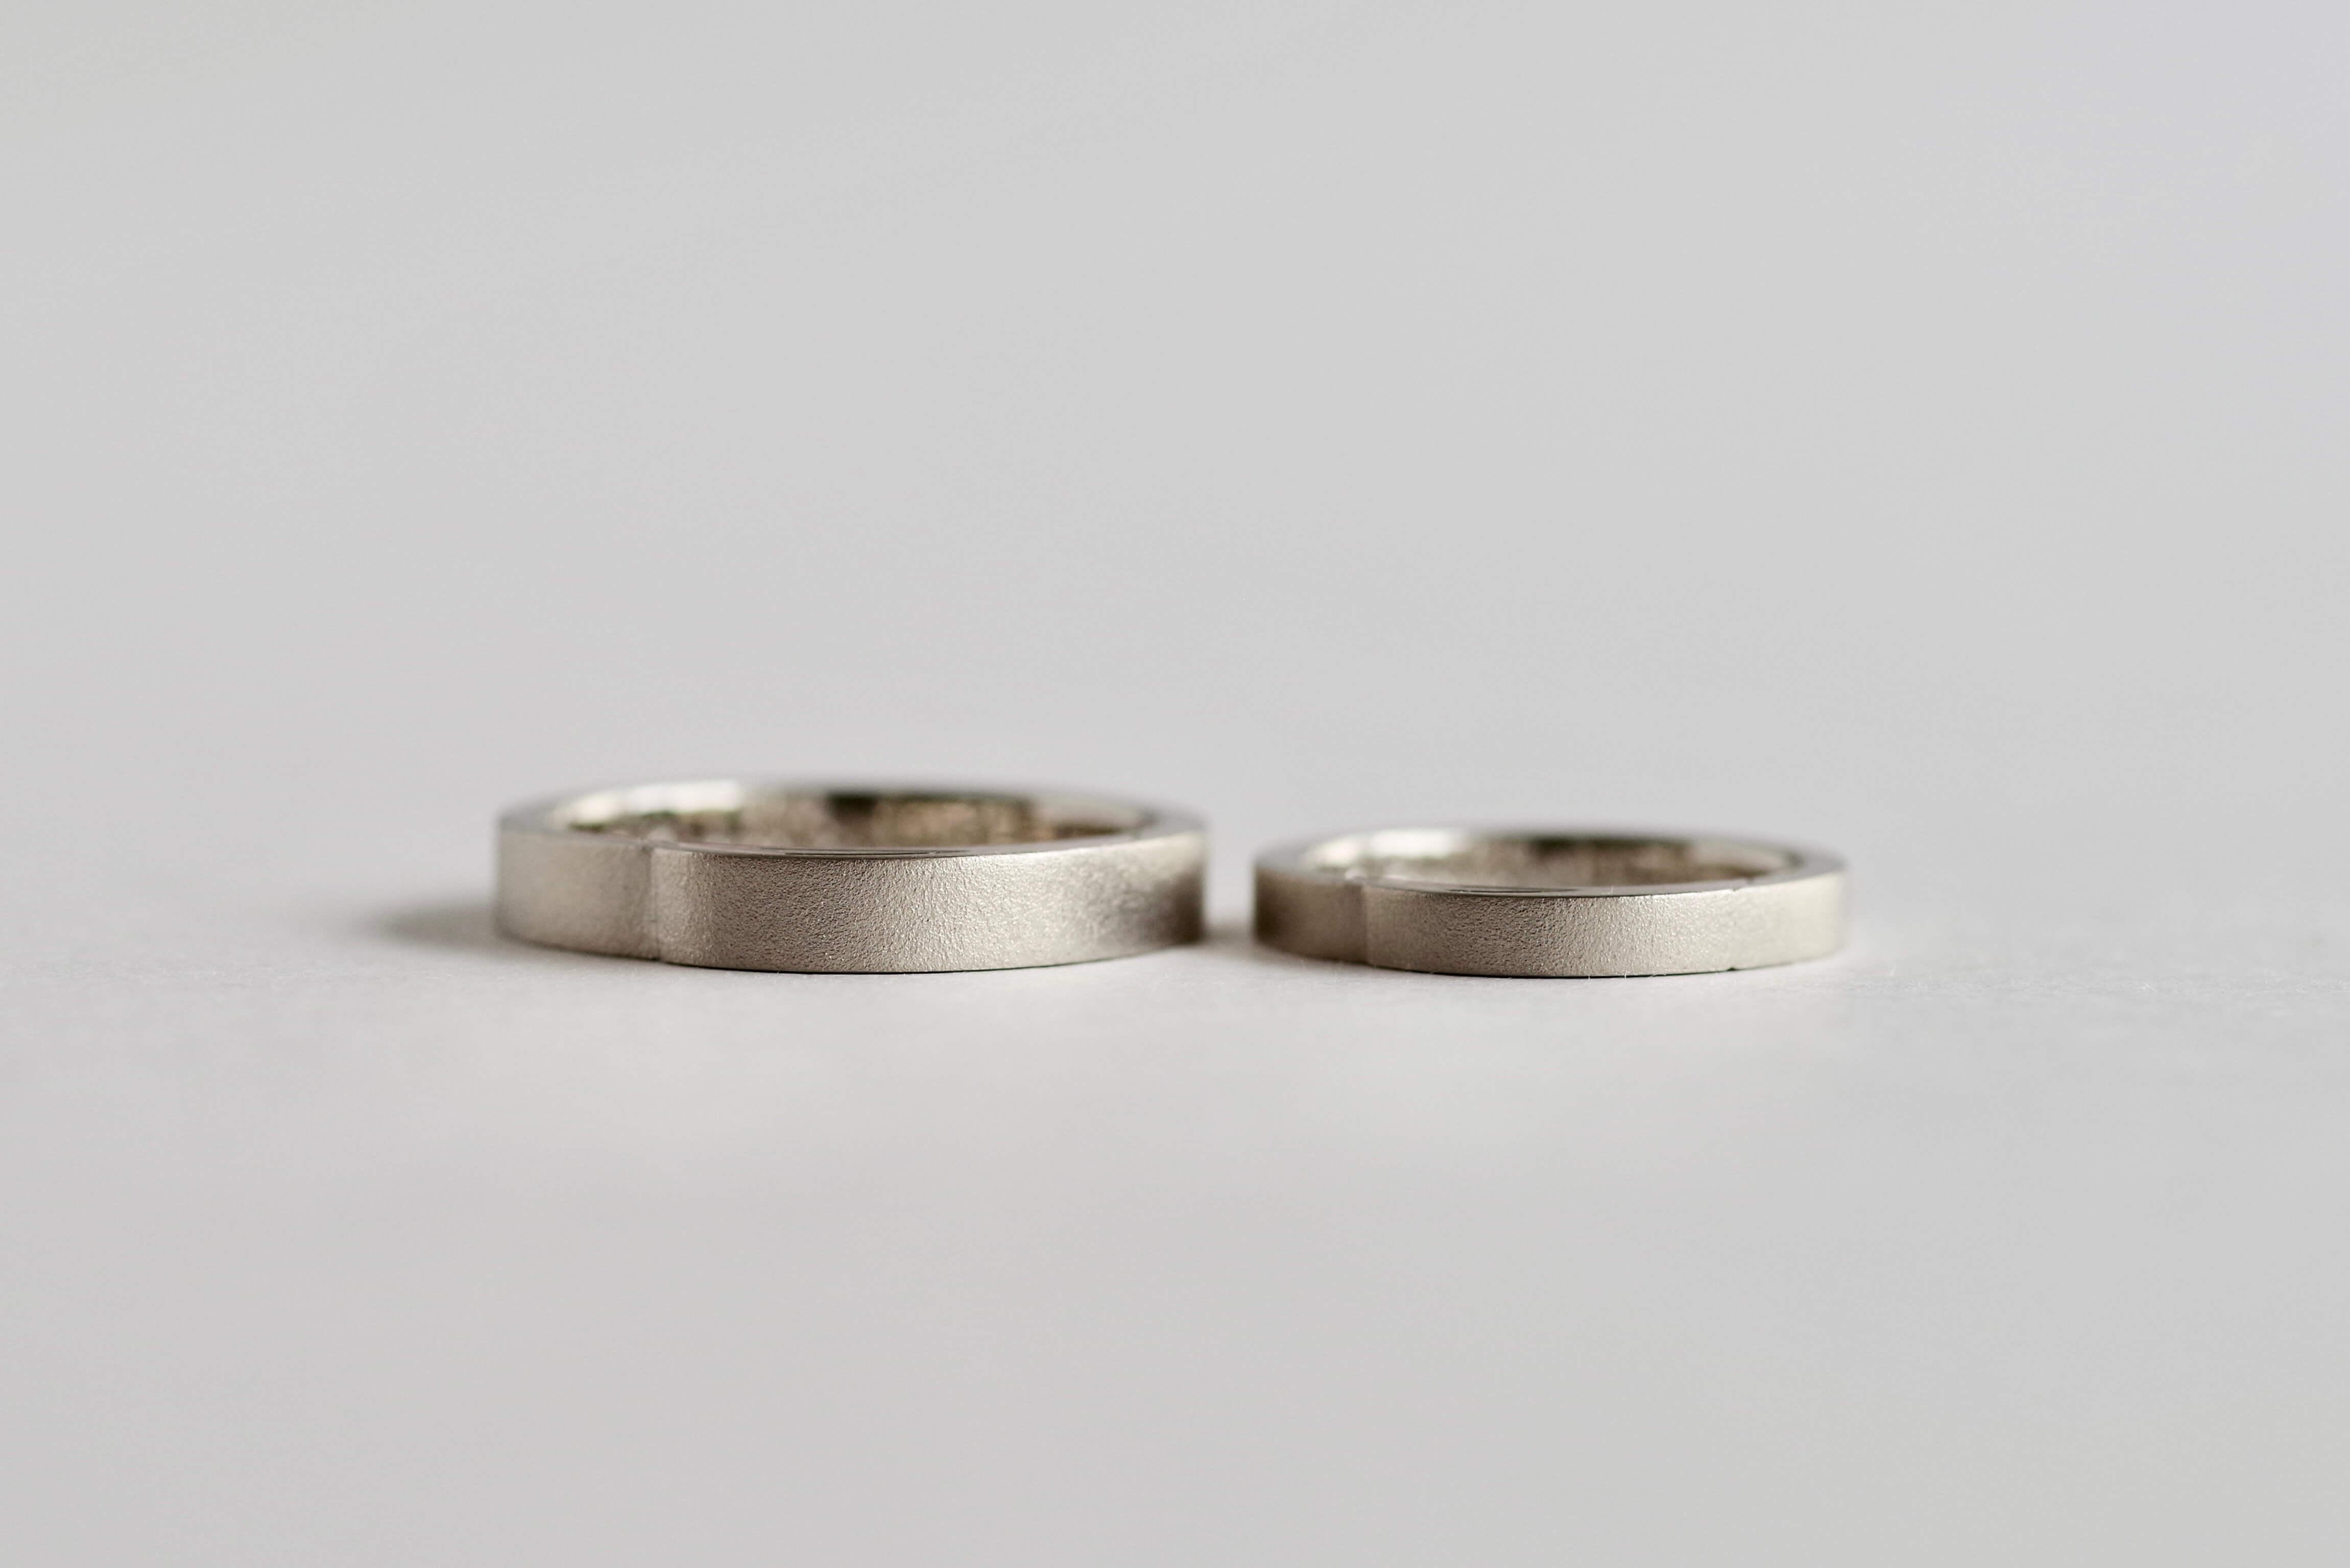 結婚指輪 オーダーメイド キャンドル モチーフ